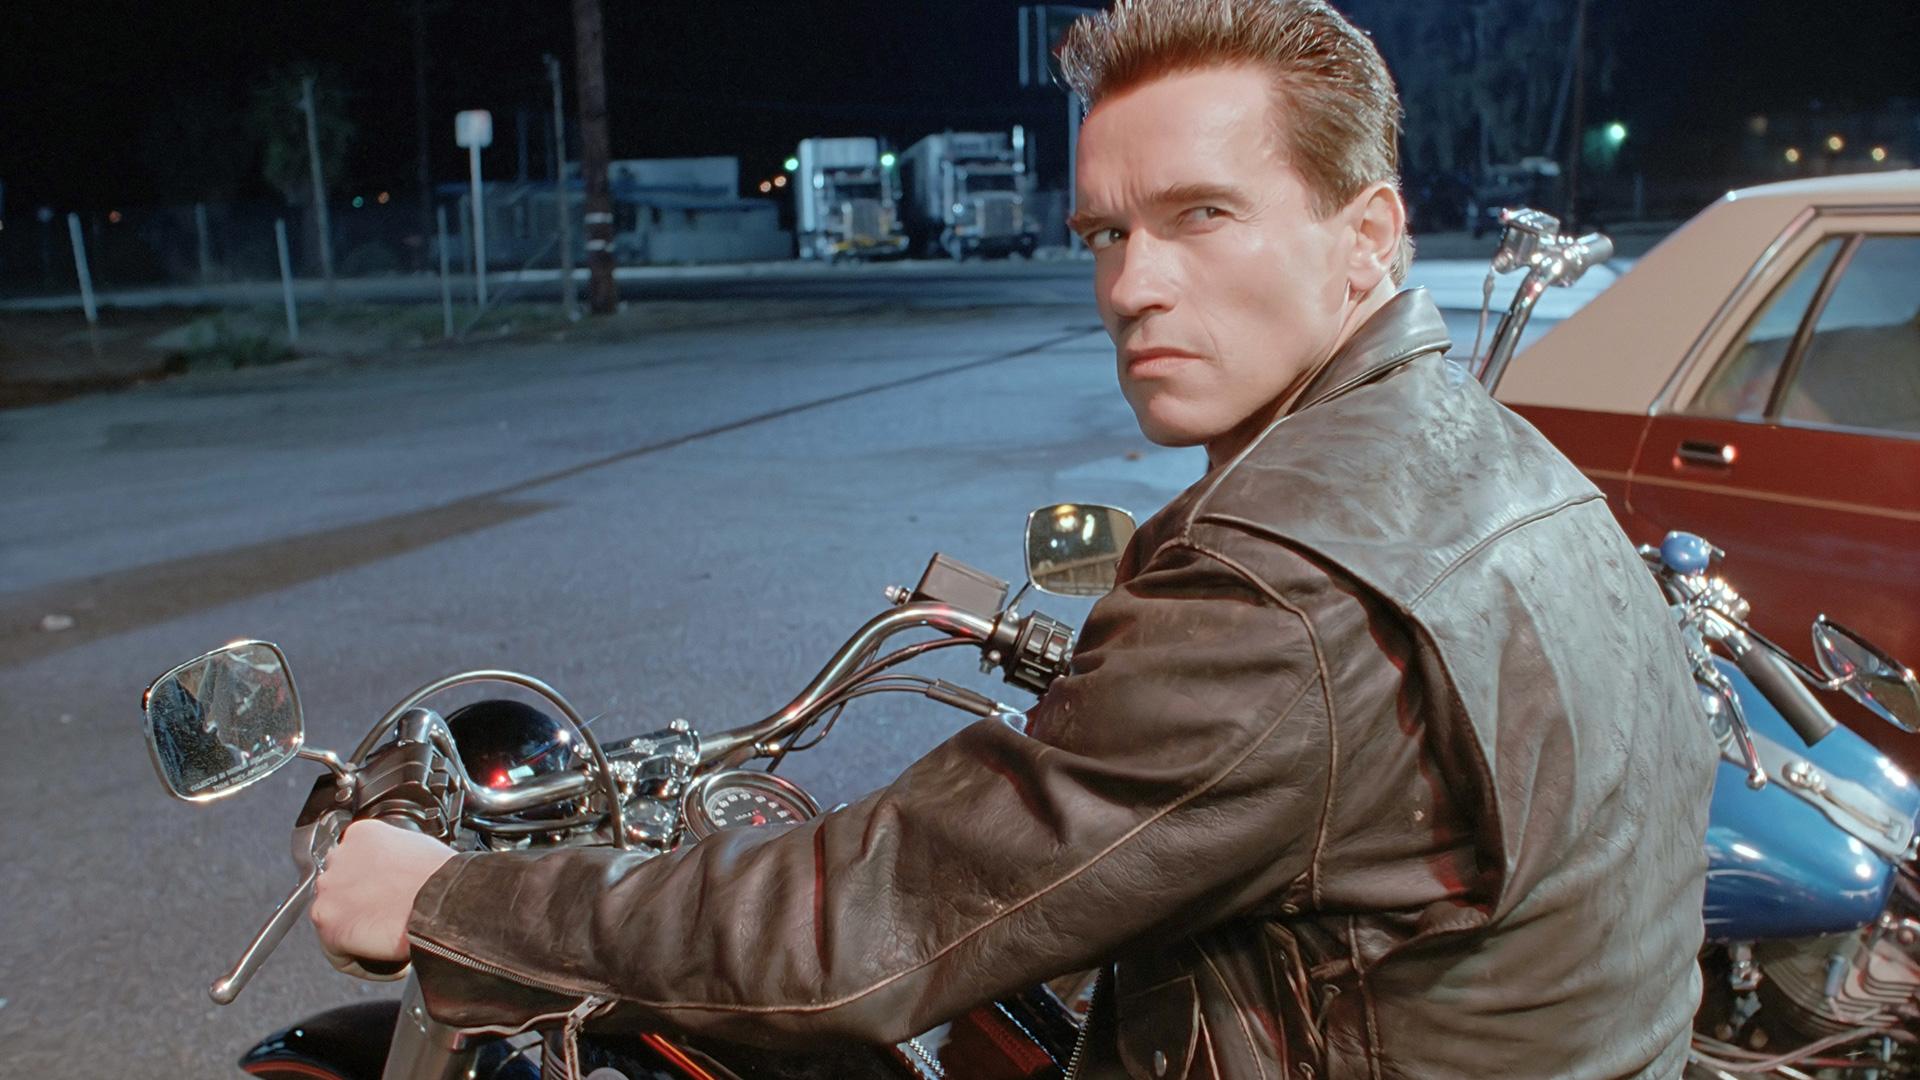 Một người hùng cơ bắp khác là Arnold Schwarzenegger, cũng xuất thân từ vận động viên nhưng vẫn sở hữu một trong những vai diễn biểu tượng nhất lịch sử phim ảnh.